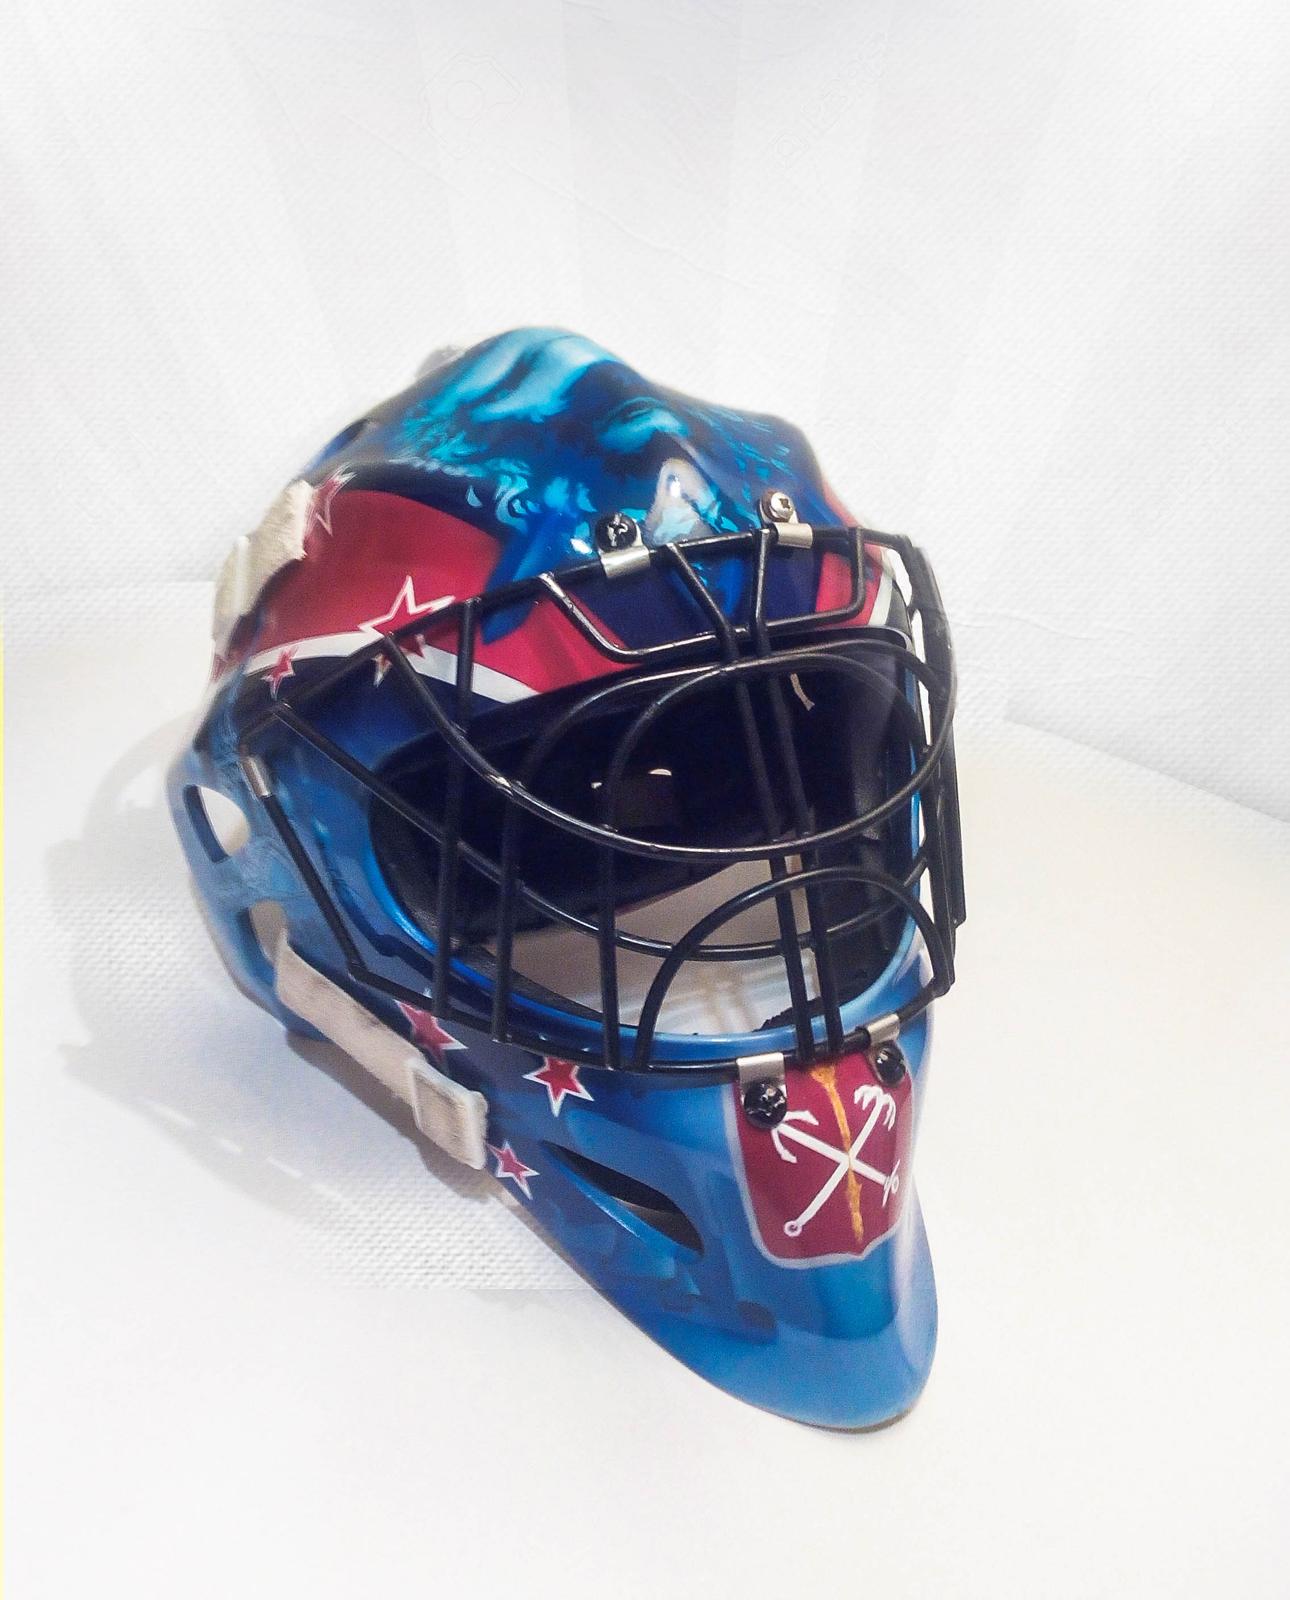 Мой первый опыт росписи шлема